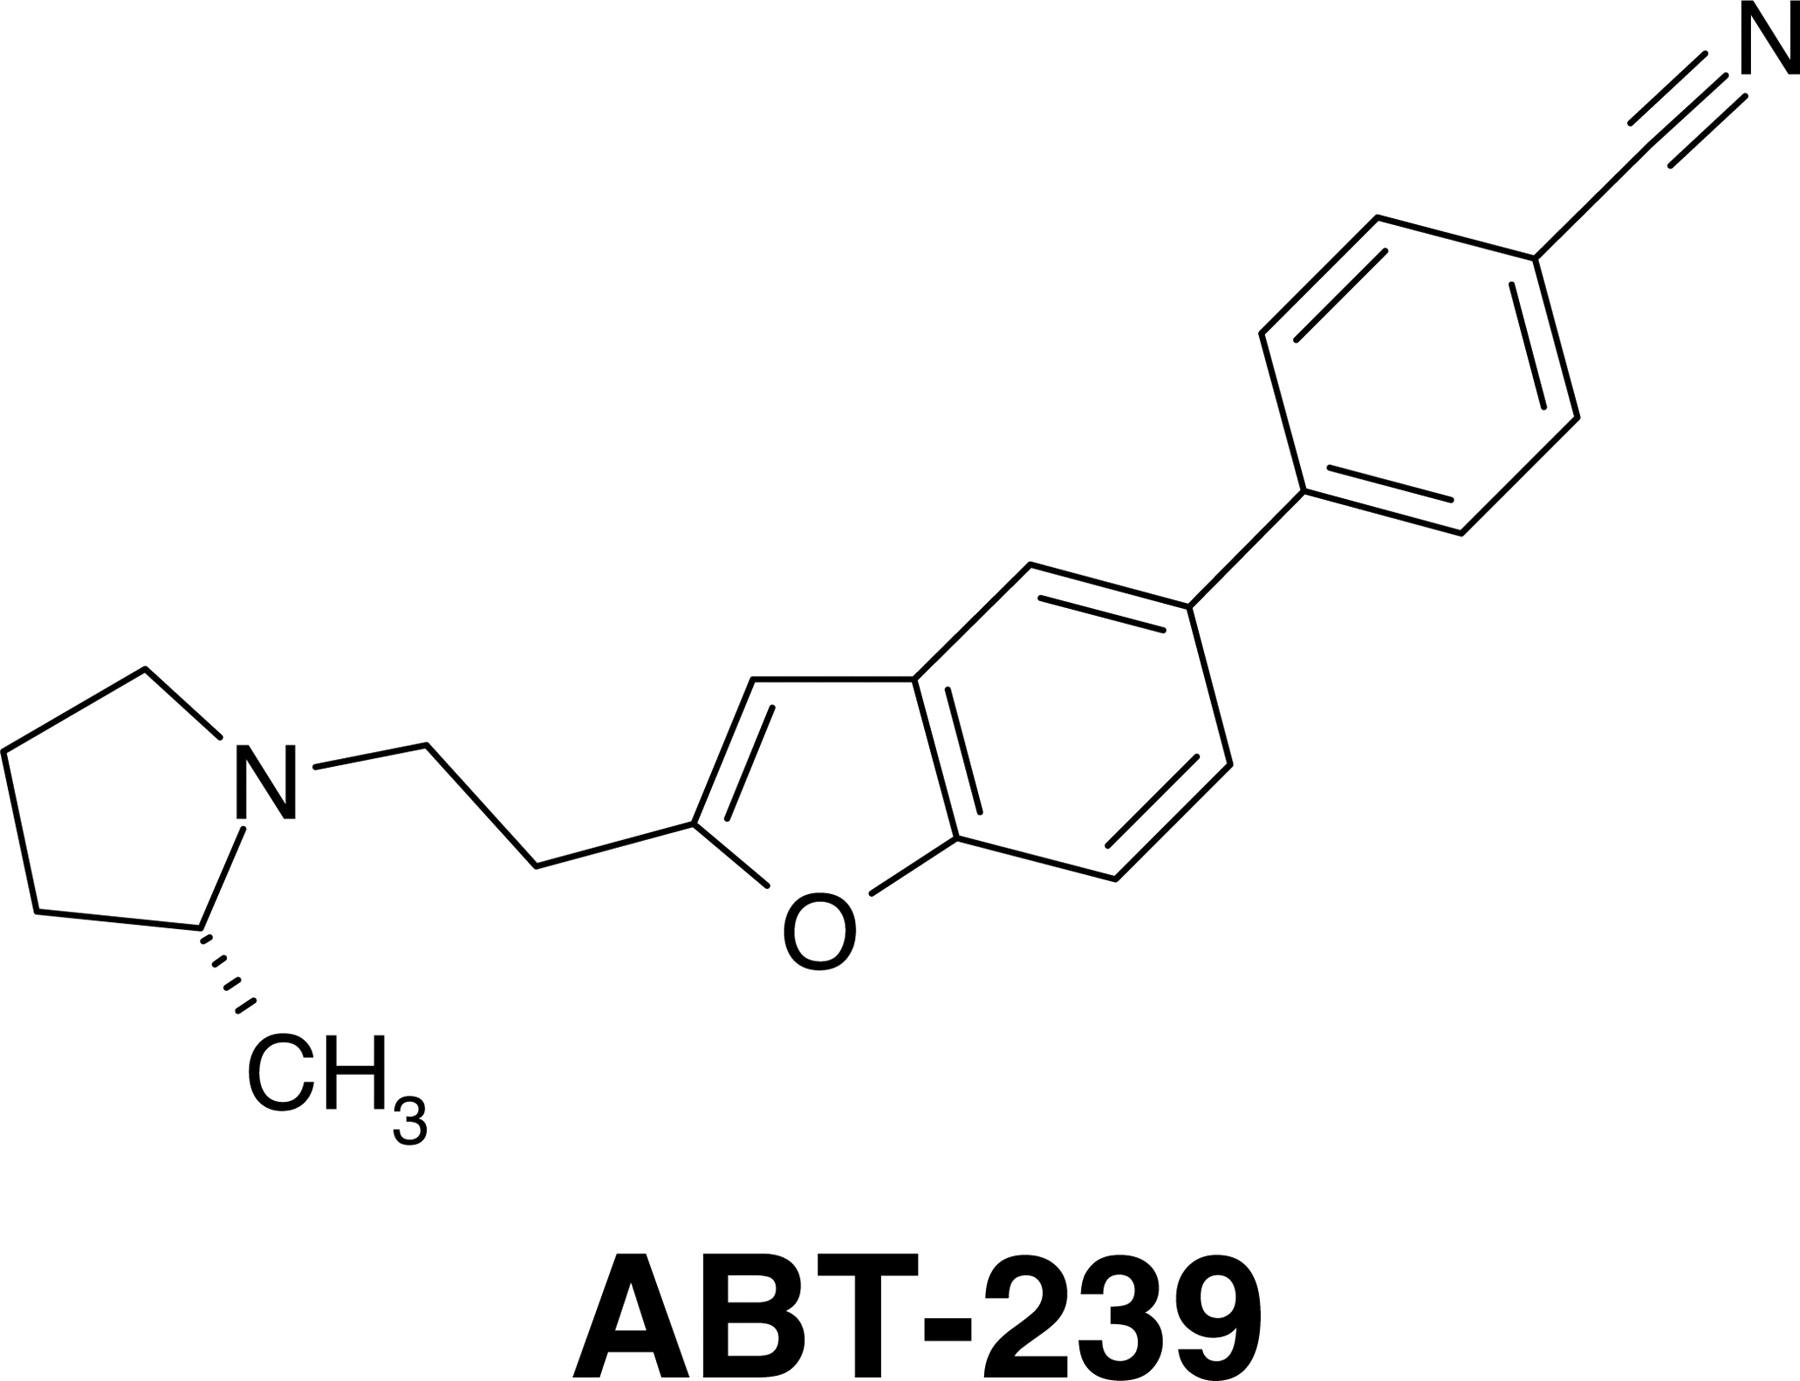 ABT-239